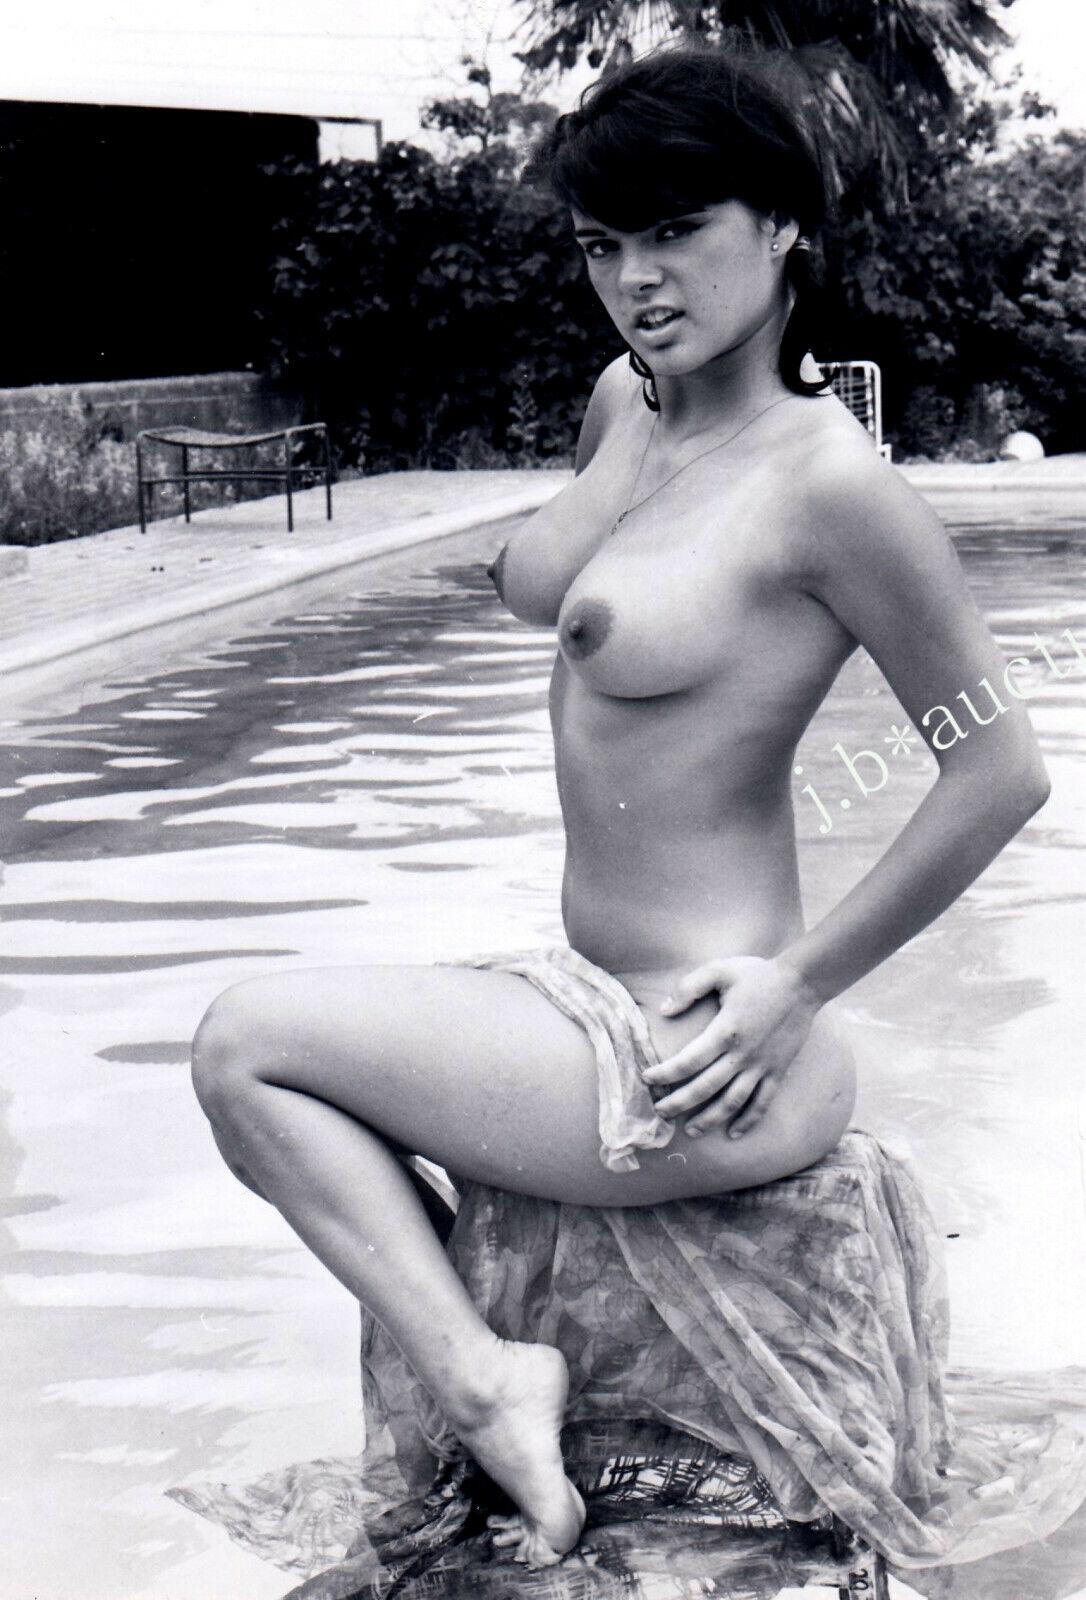 unglaubliche Preise Nudismus FRECHES MODELL POSIERT NACKT